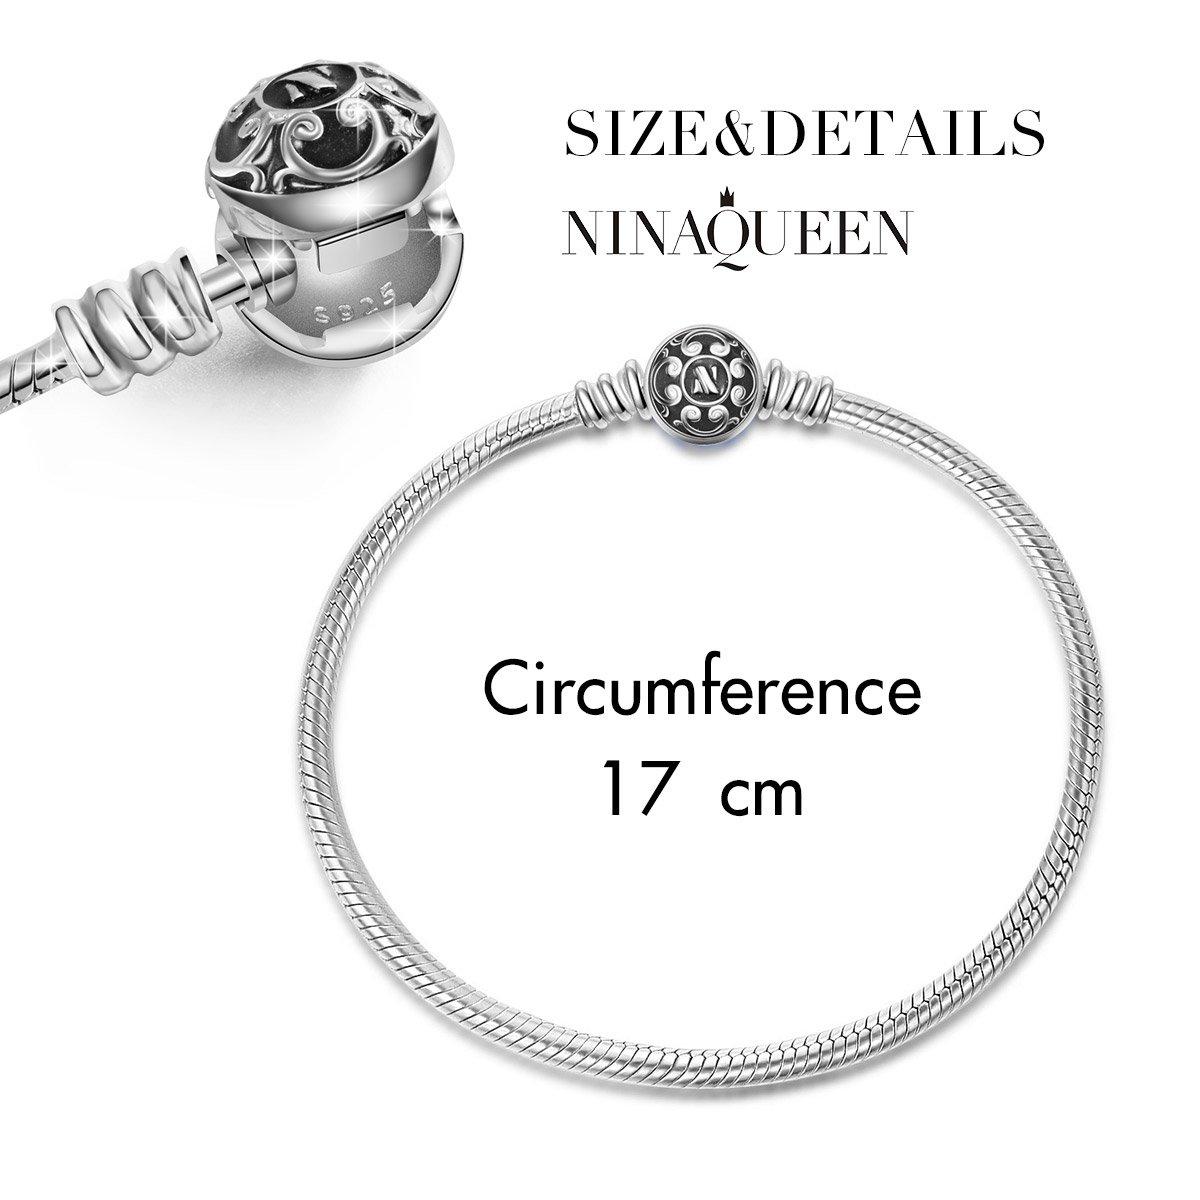 NINAQUEEN PU & 925 Sterling Silver Charm Bracelet Nickel-free 19cm ZXG3KyKWZ